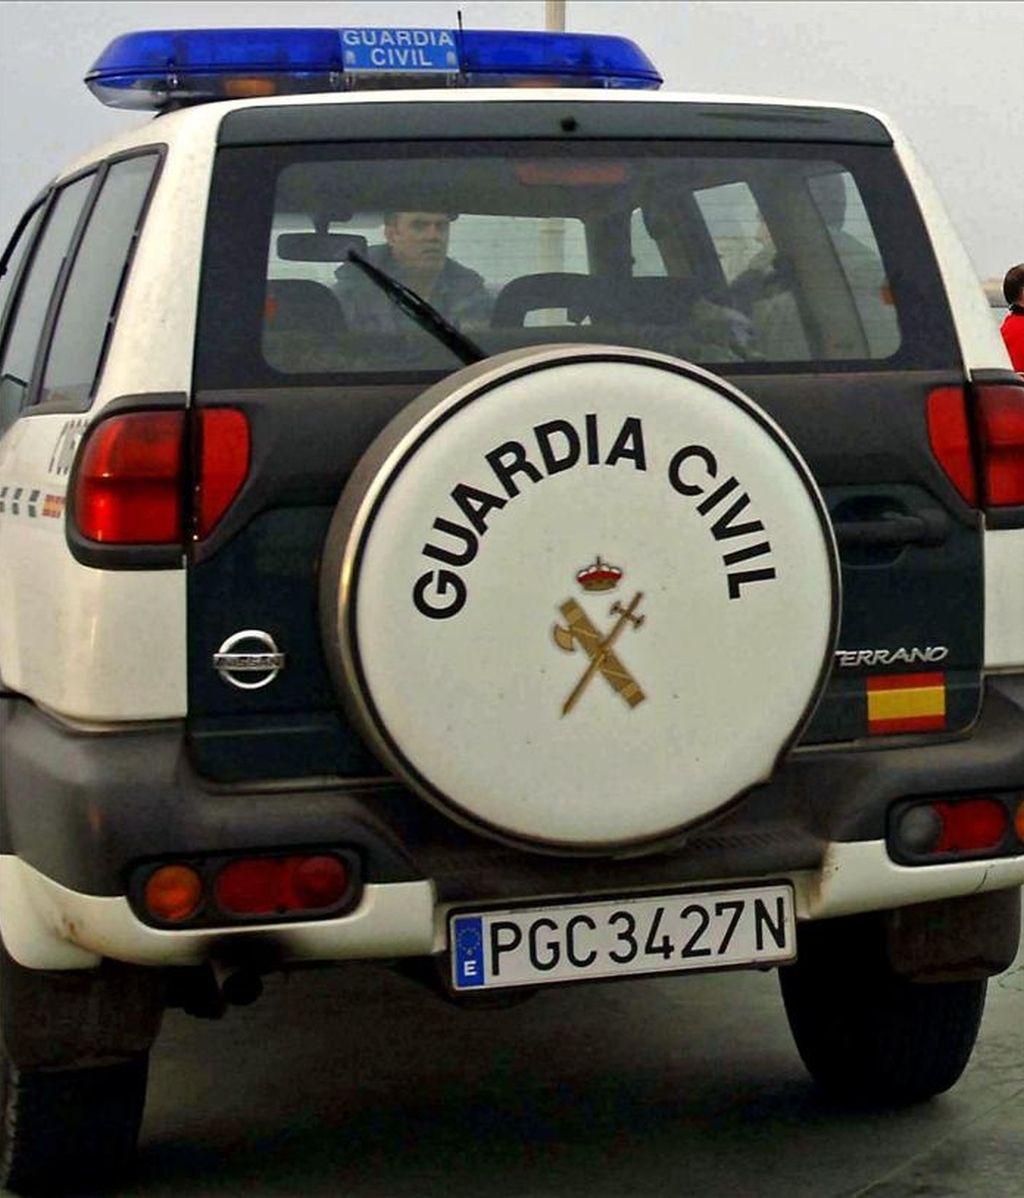 Un vehículo de la Guardia Civil en un suceso. EFE/Archivo